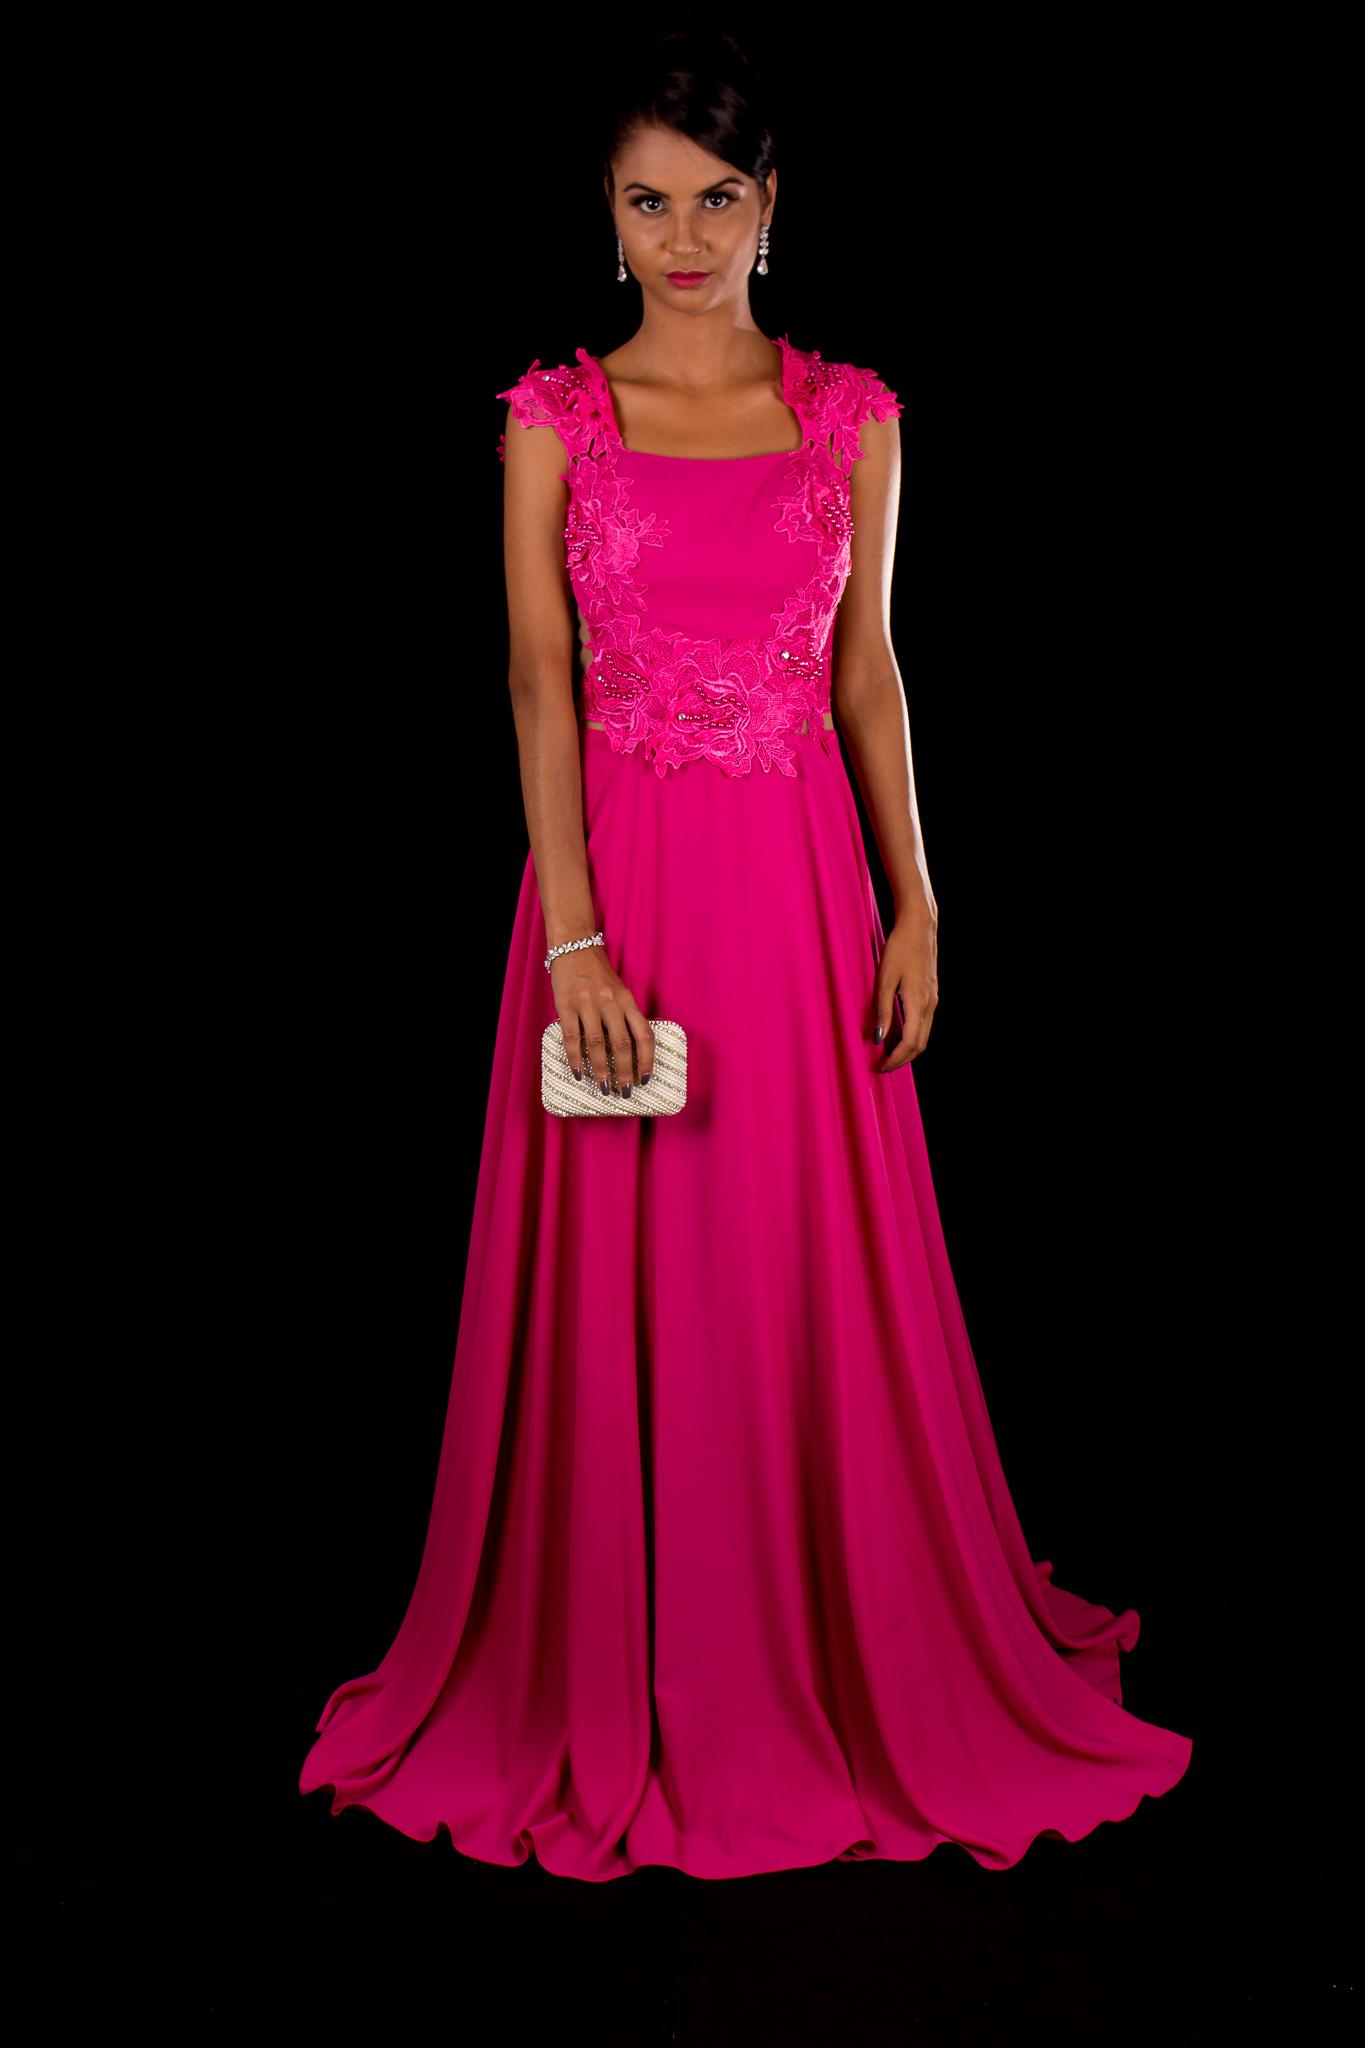 Bolsa De Festa Para Vestido Rosa : Vestido festa longo pink fino traje moda